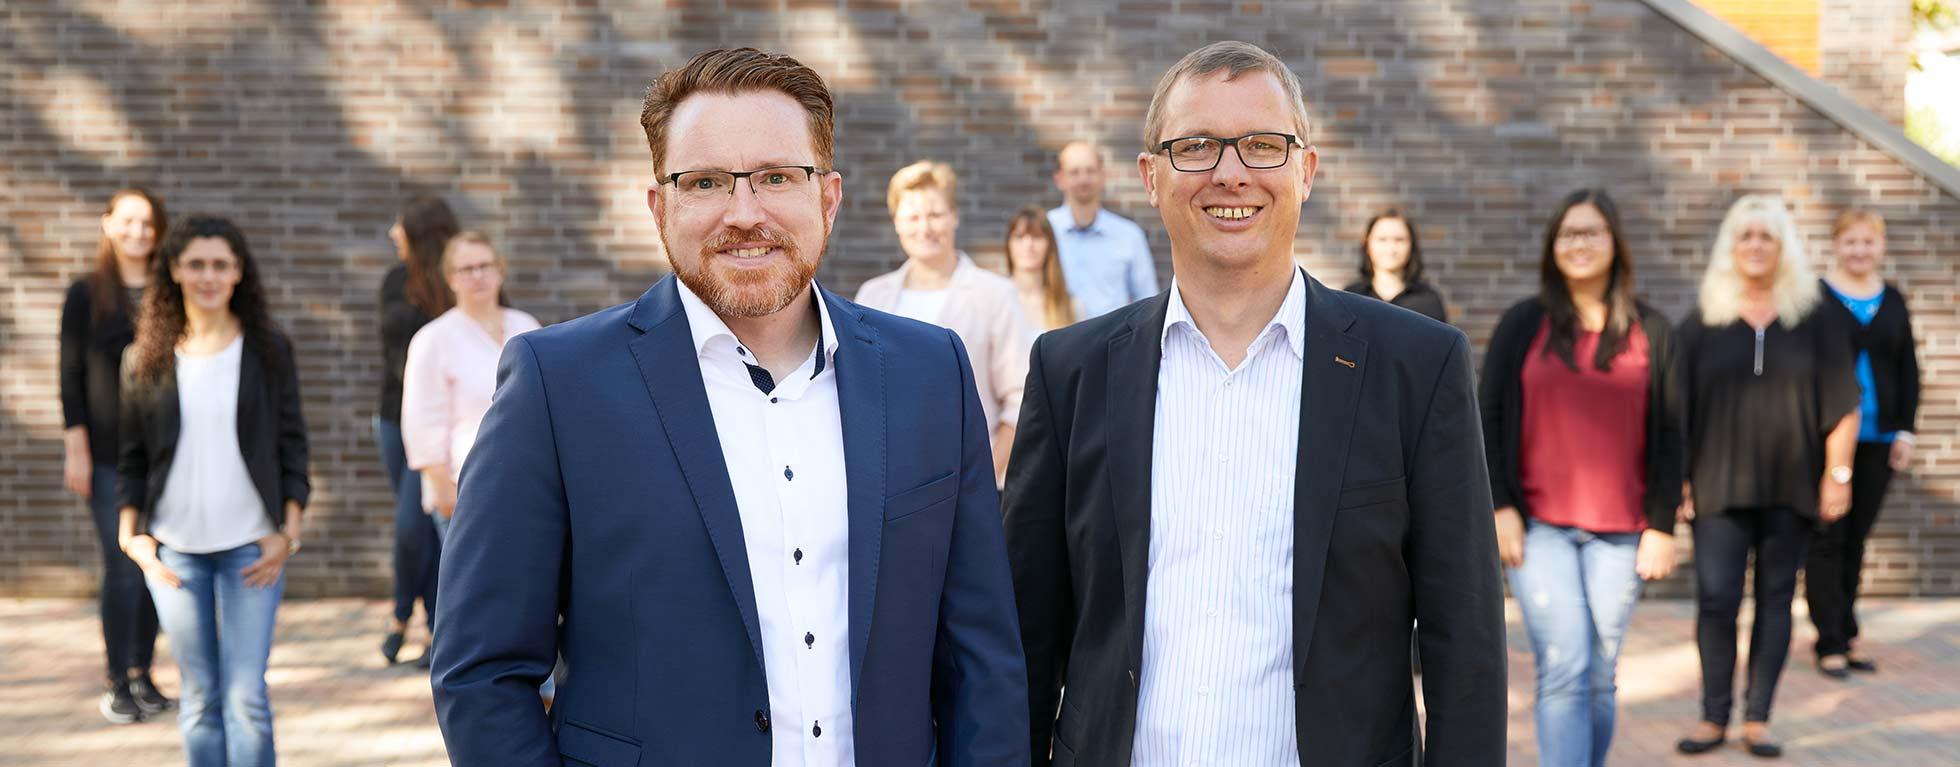 Mohrdiek Steuerberater Elmshorn Steuerberatung Team